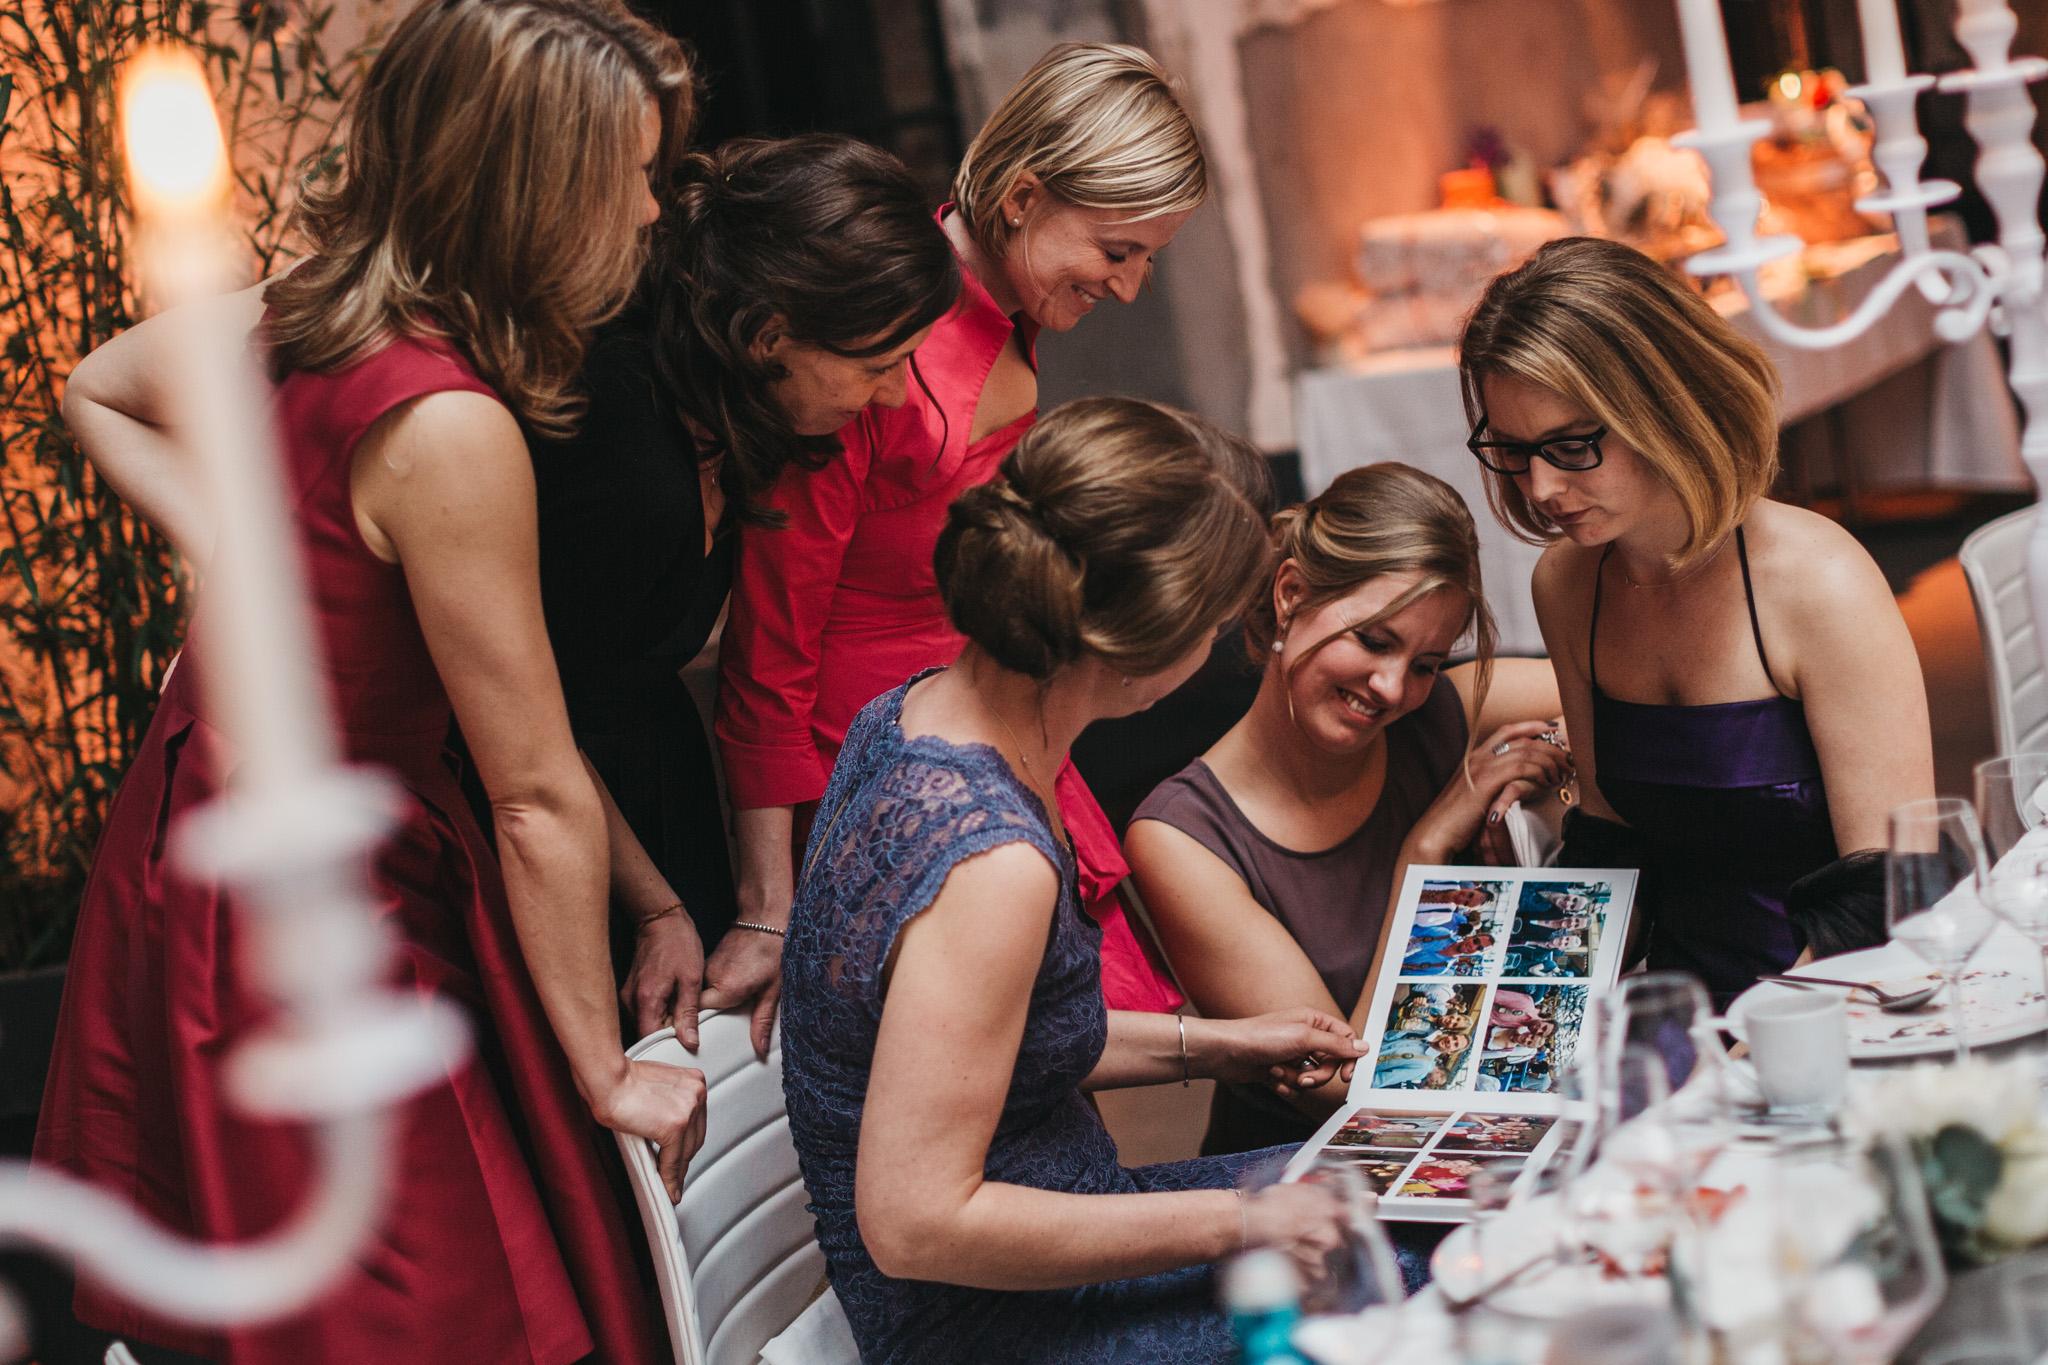 - Über die Web-Galerie hinaus designen wir Euch auch sehr gerne auf Wunsch ein hochwertiges Hochzeitsfotobuch in gebundener Ausgabe - Maße, Einband, Papiersorte, etc. stimmen wir nach Euren Wünschen individuell mit Euch ab.